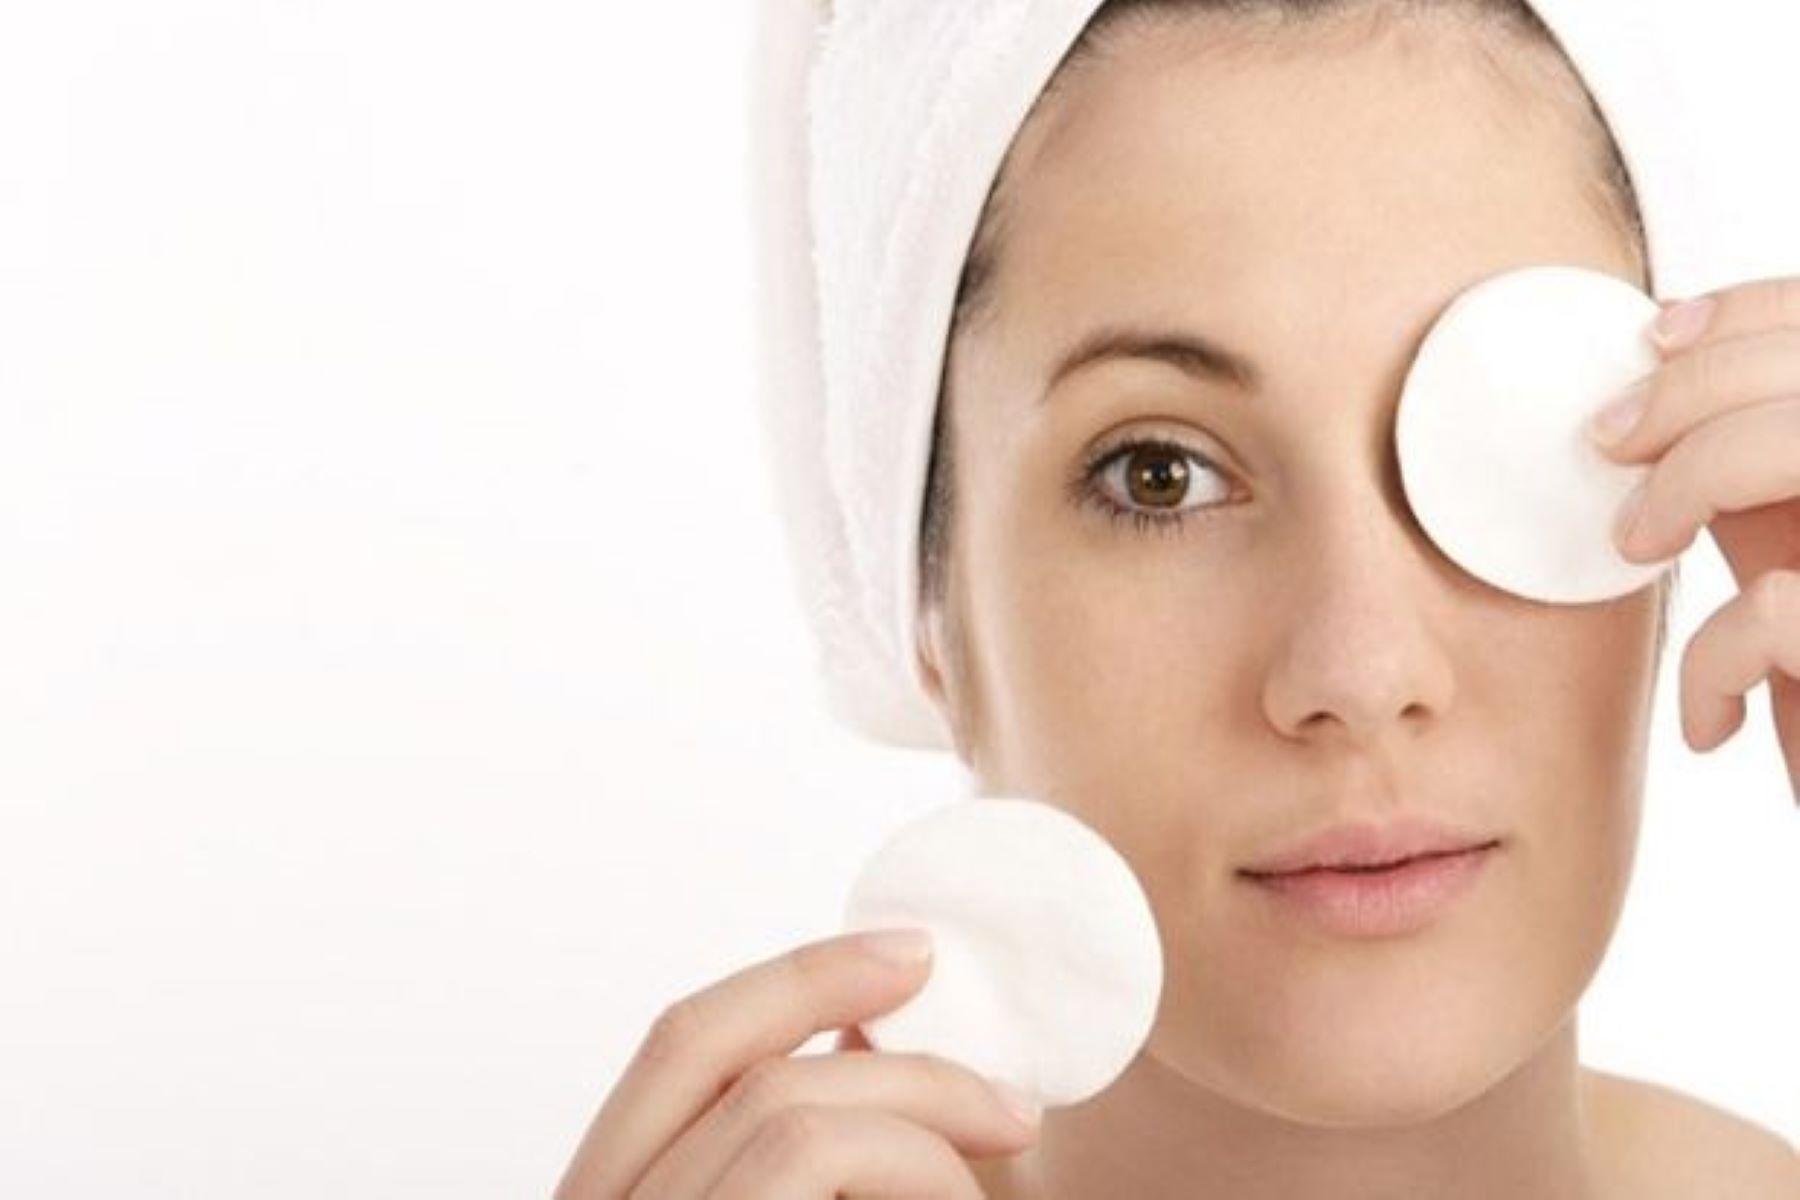 Μαύροι κύκλοι στα μάτια: Σπιτικές μάσκες για την αντιμετώπιση τους